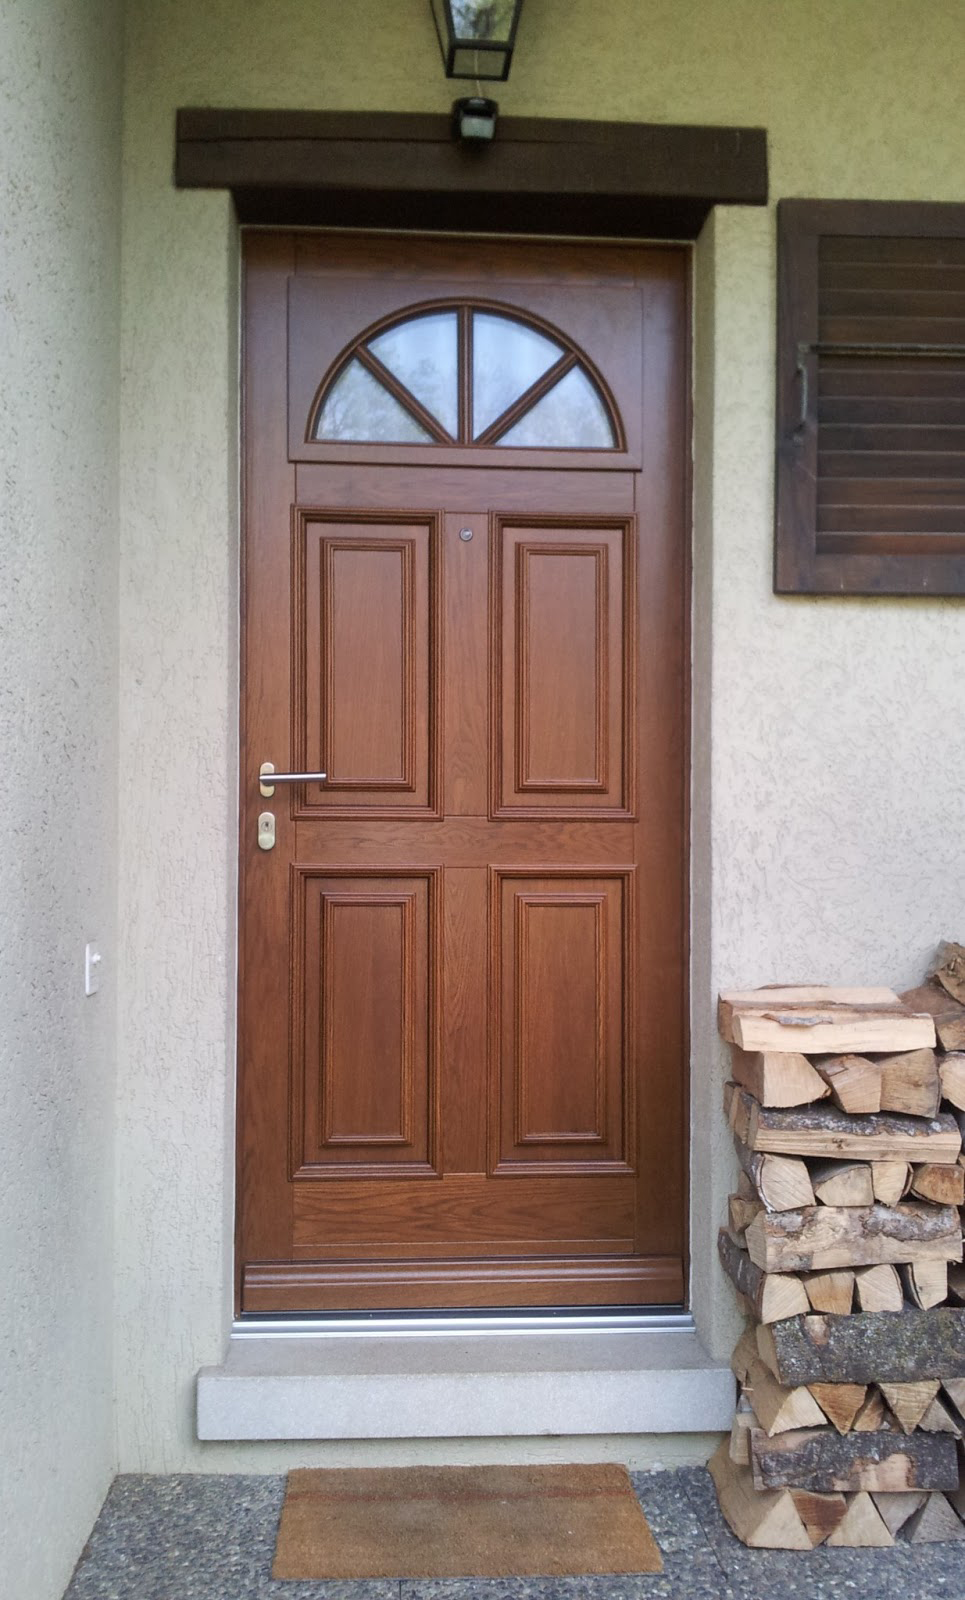 Porte d 39 entr e bois porte en bois sur mesure - Repeindre une porte d entree en bois ...